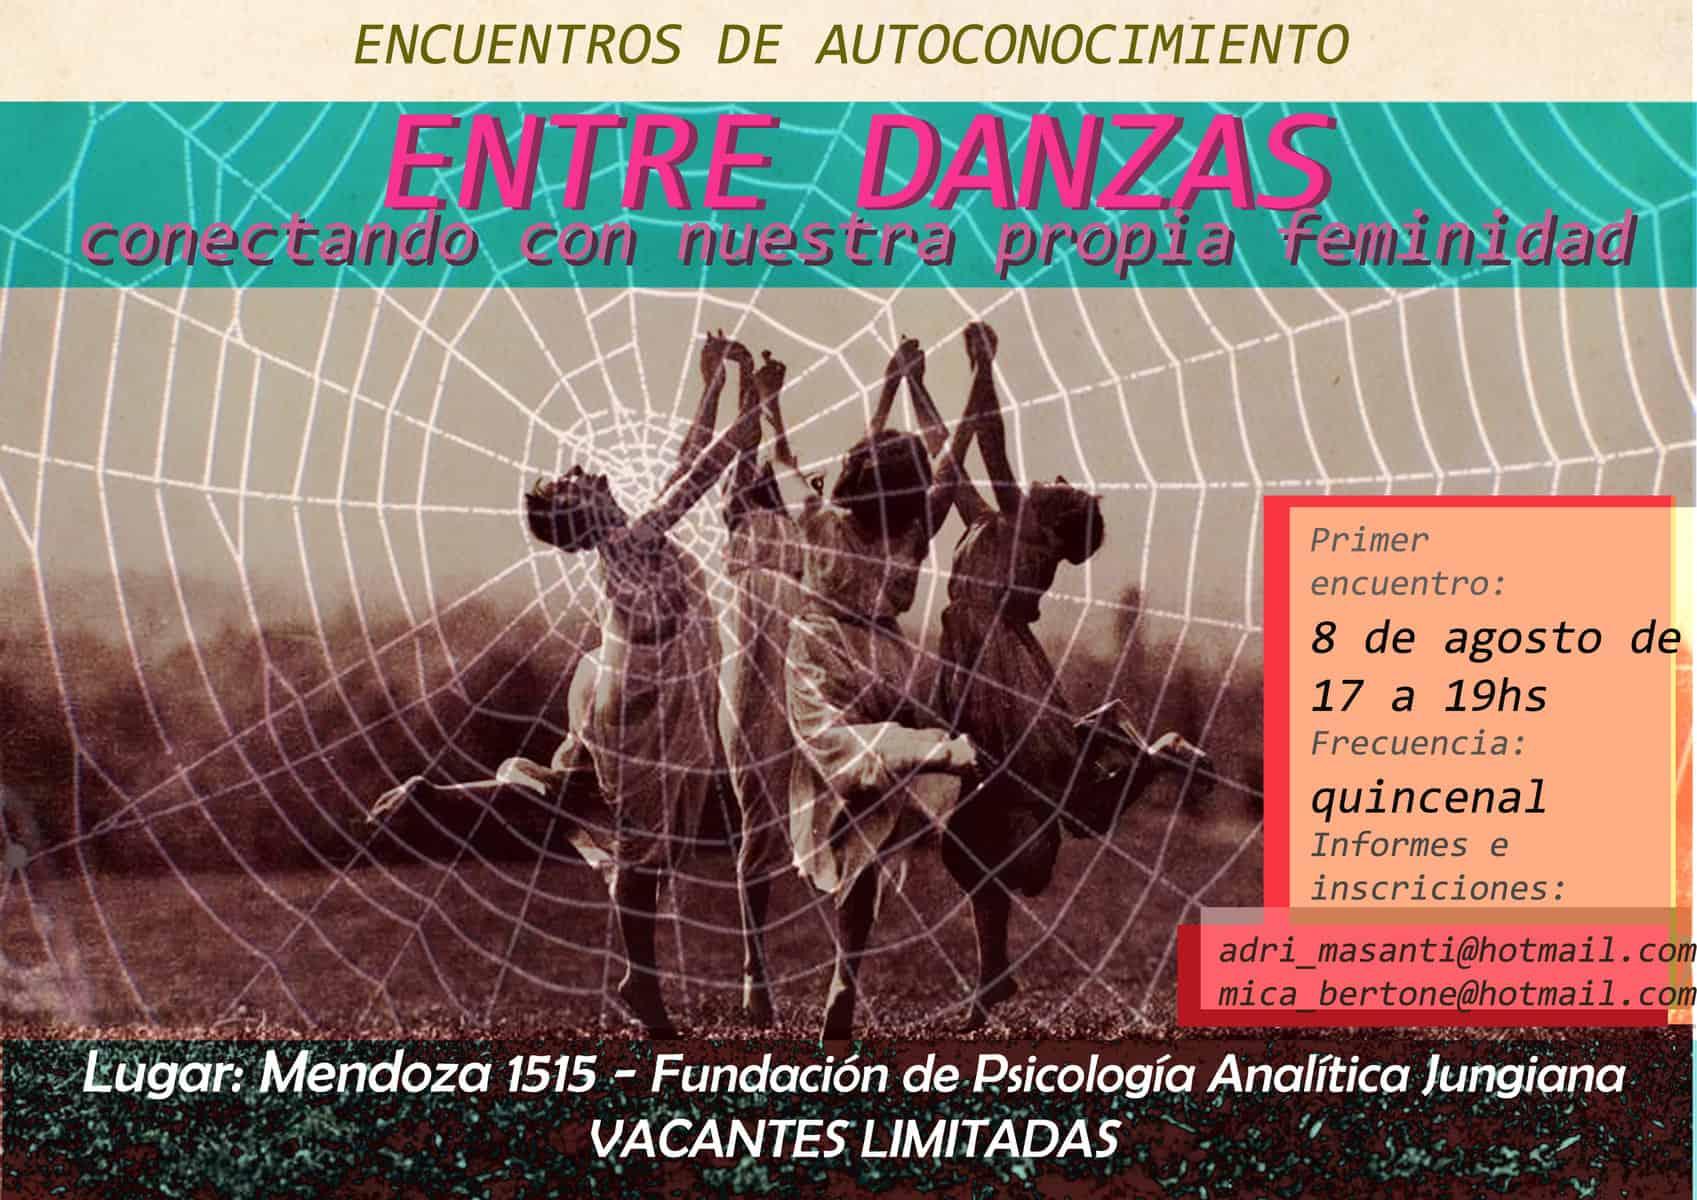 danzas feminidad encuentro FPAJ fundacion psicología analitica junguiana